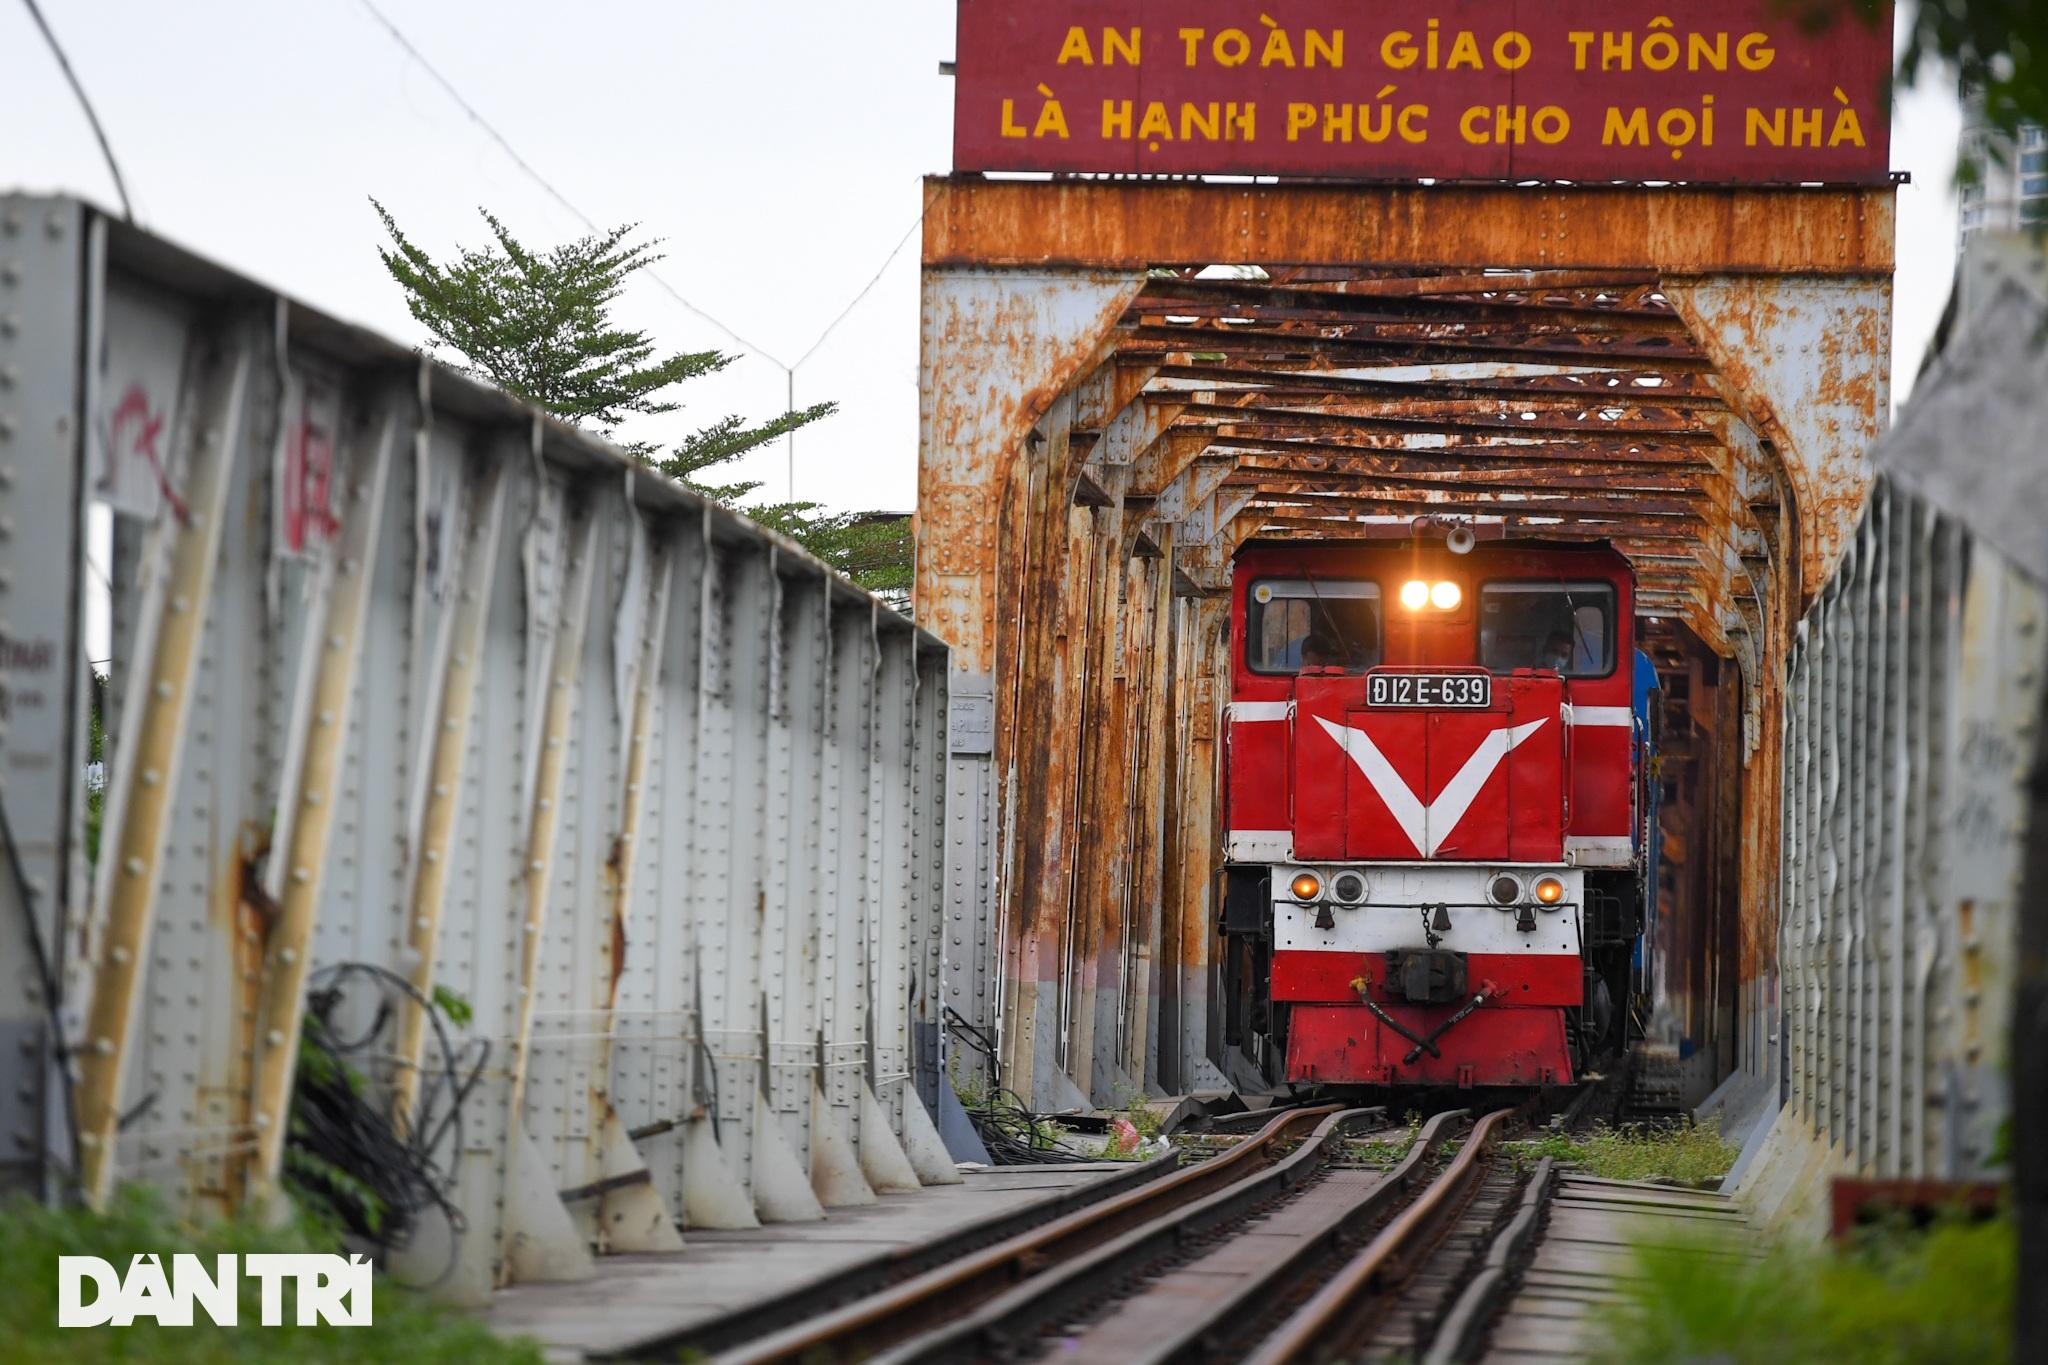 Hà Nội đón chuyến tàu khách đầu tiên đến từ Hải Phòng sau giãn cách - 9